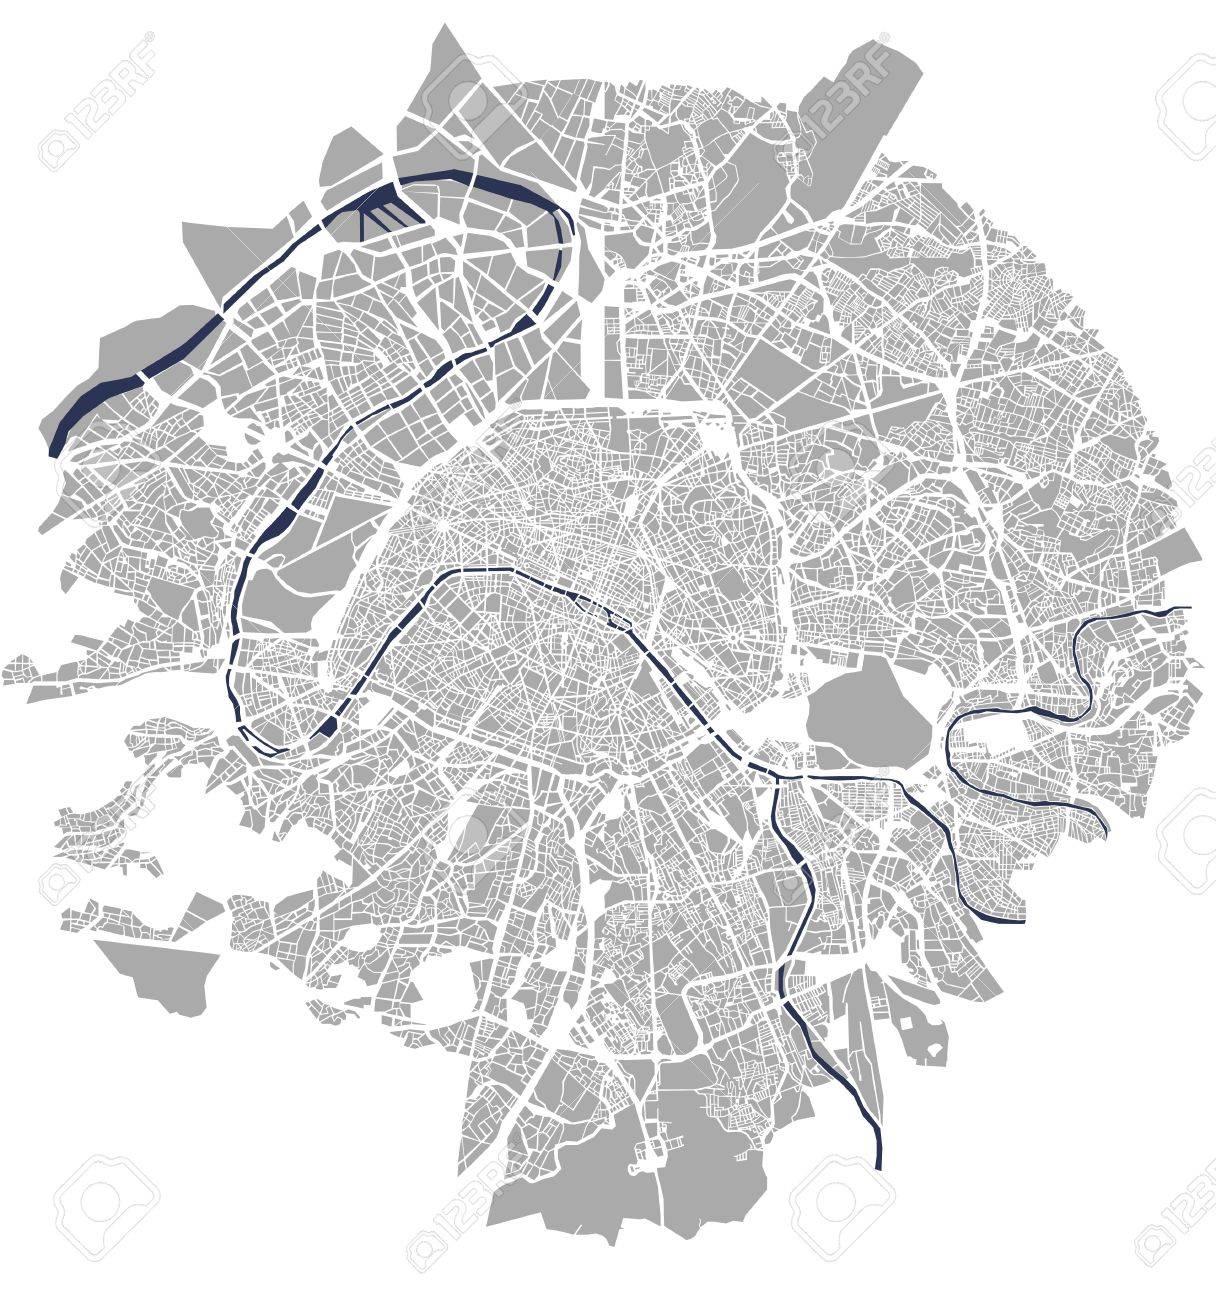 パリフランスの都市の地図のイラスト素材ベクタ Image 77243933